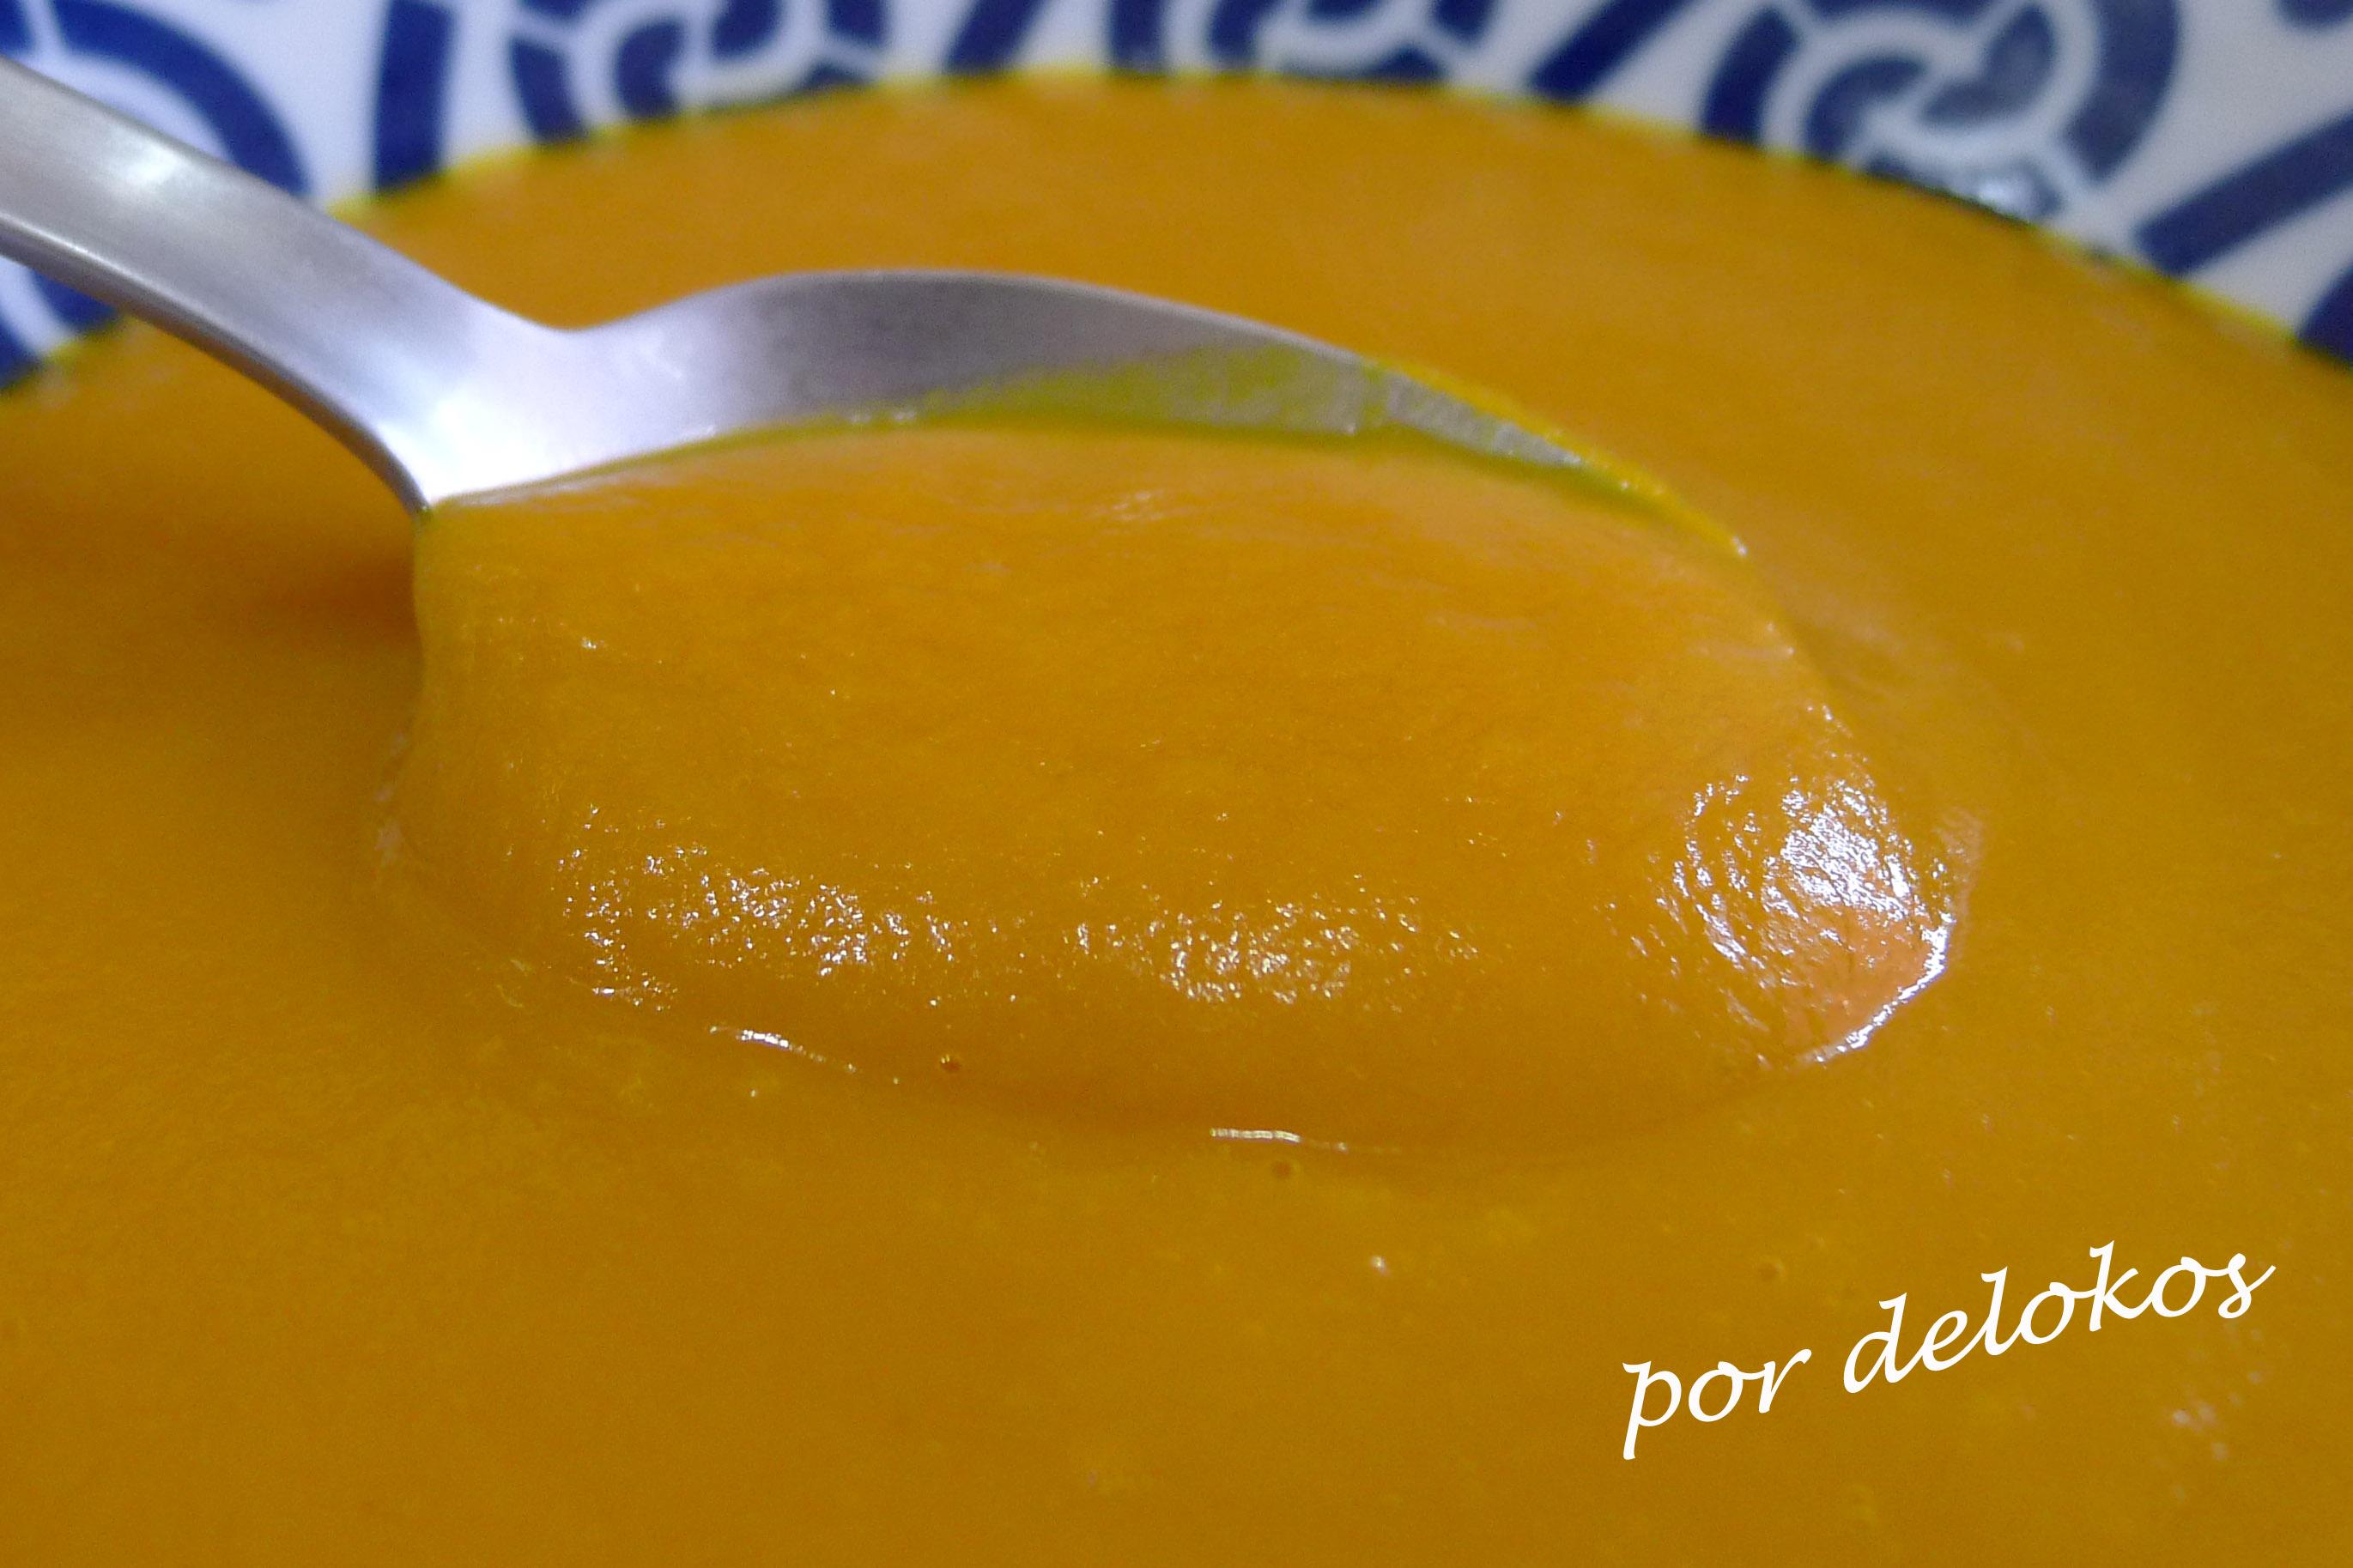 Pur de calabaza delokos - Pure de patatas y calabaza ...